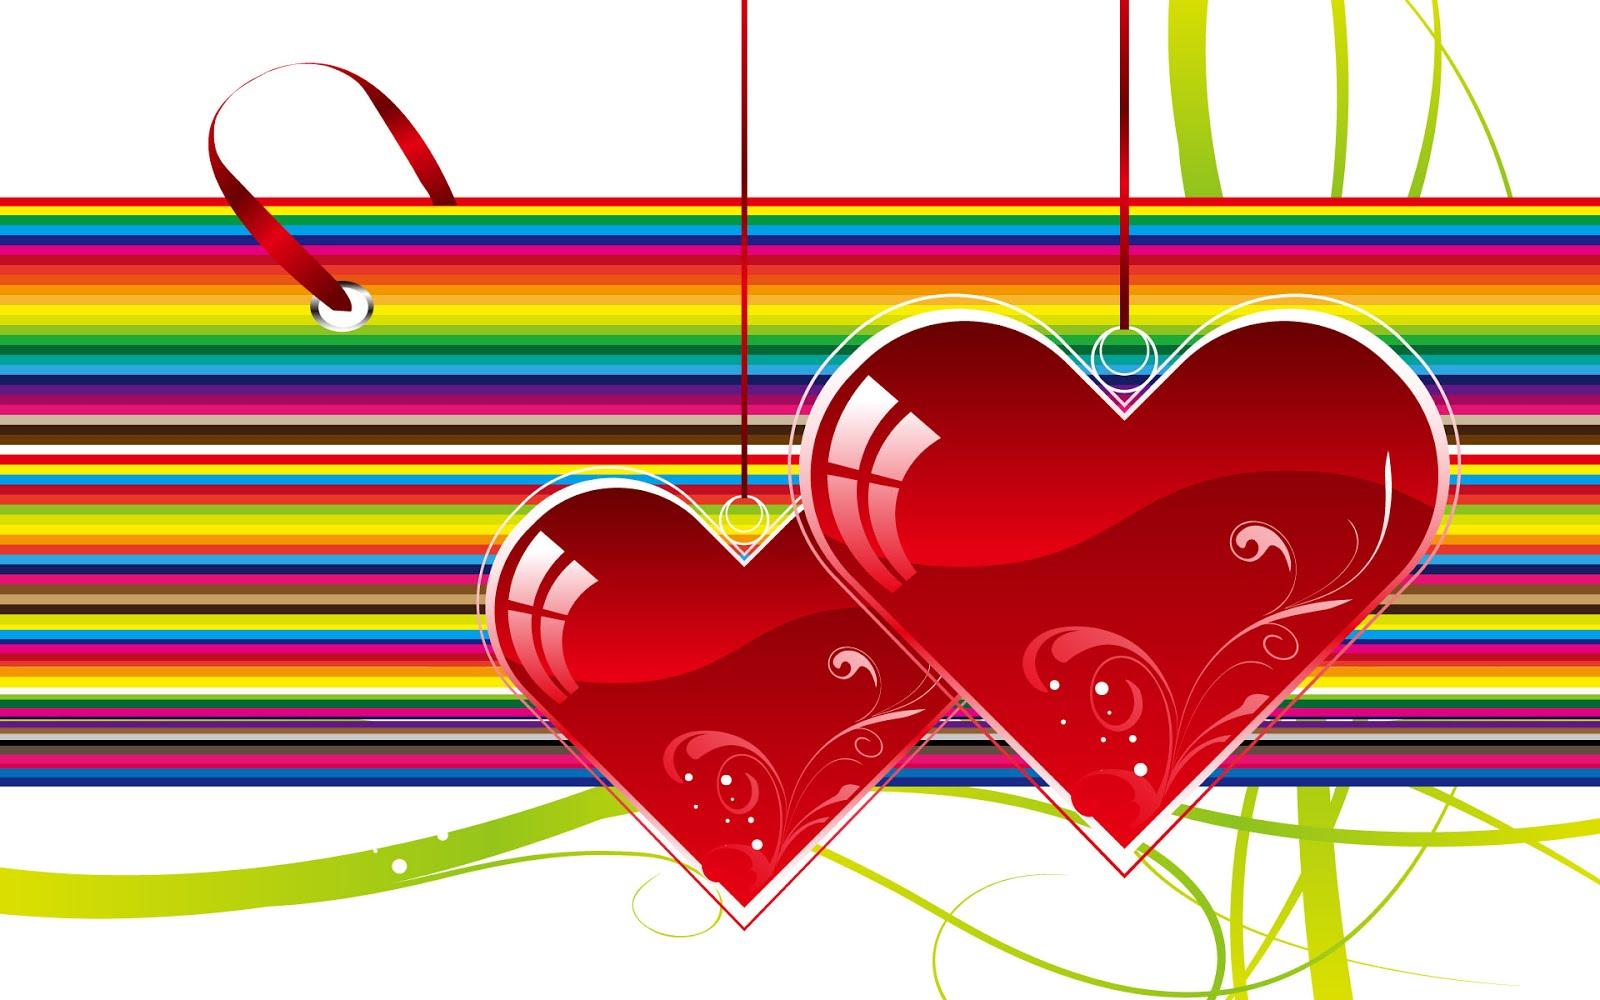 http://3.bp.blogspot.com/-bsqNtqNSrAQ/UP667uwk-gI/AAAAAAABizQ/59pGDreu-FI/s1600/bonita-postal-de-corazones-para-el-14-de-febrero-dia-%2Bdel-%2Bamor-y-la-amistad-.jpg